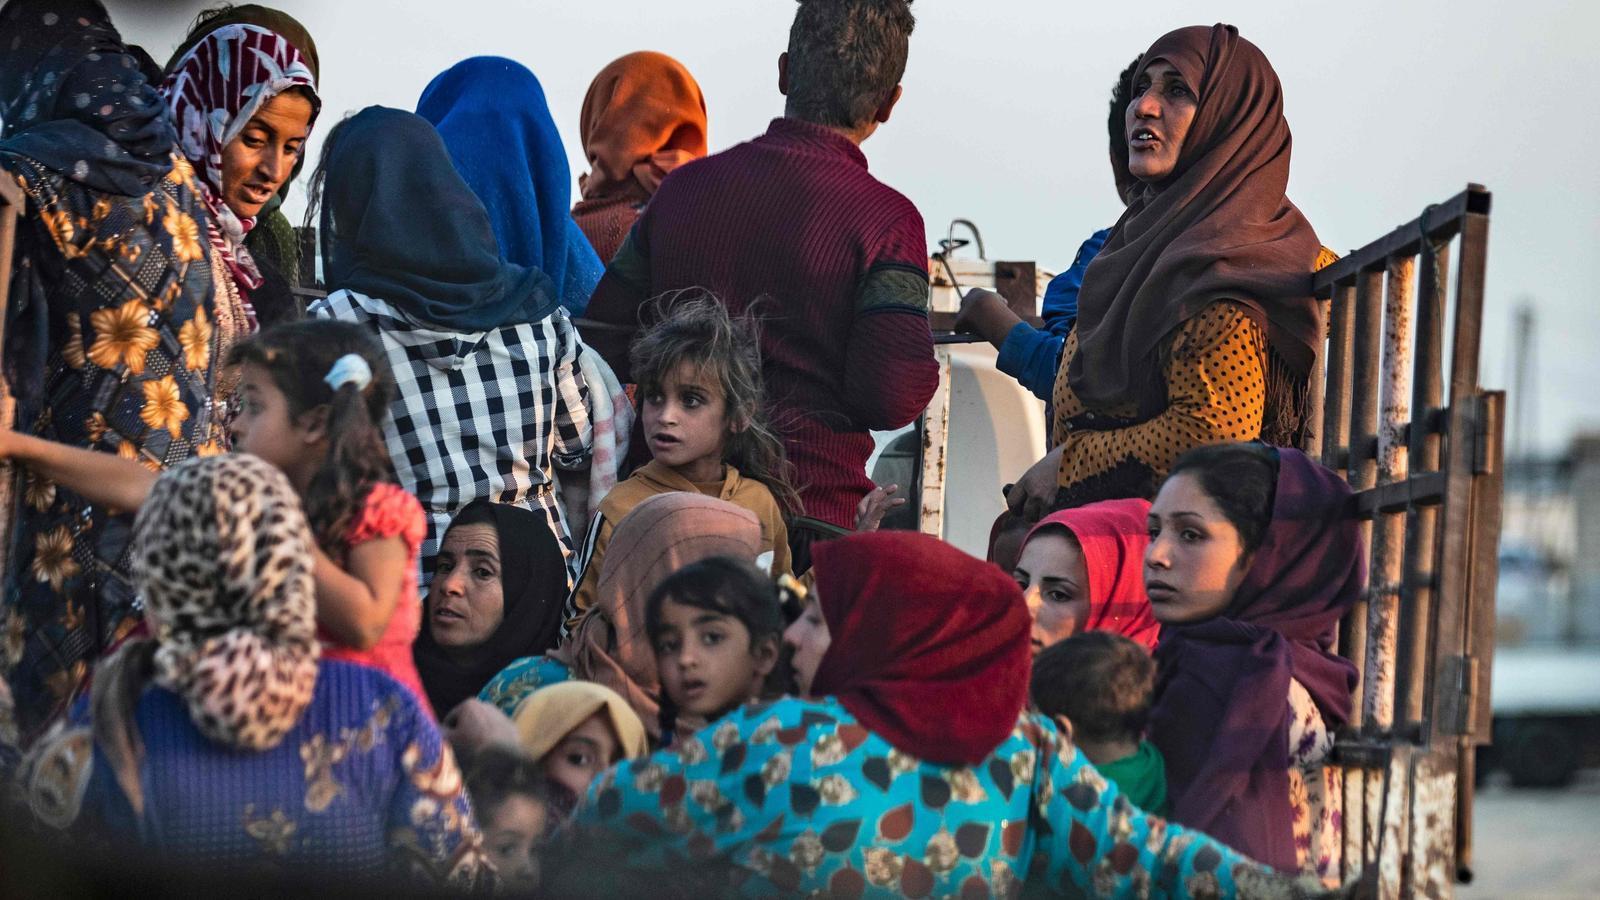 Civils abandonen les seves cases, pels bombardejos turcs, a Ras al-Ain, en territori kurd, a Síria.